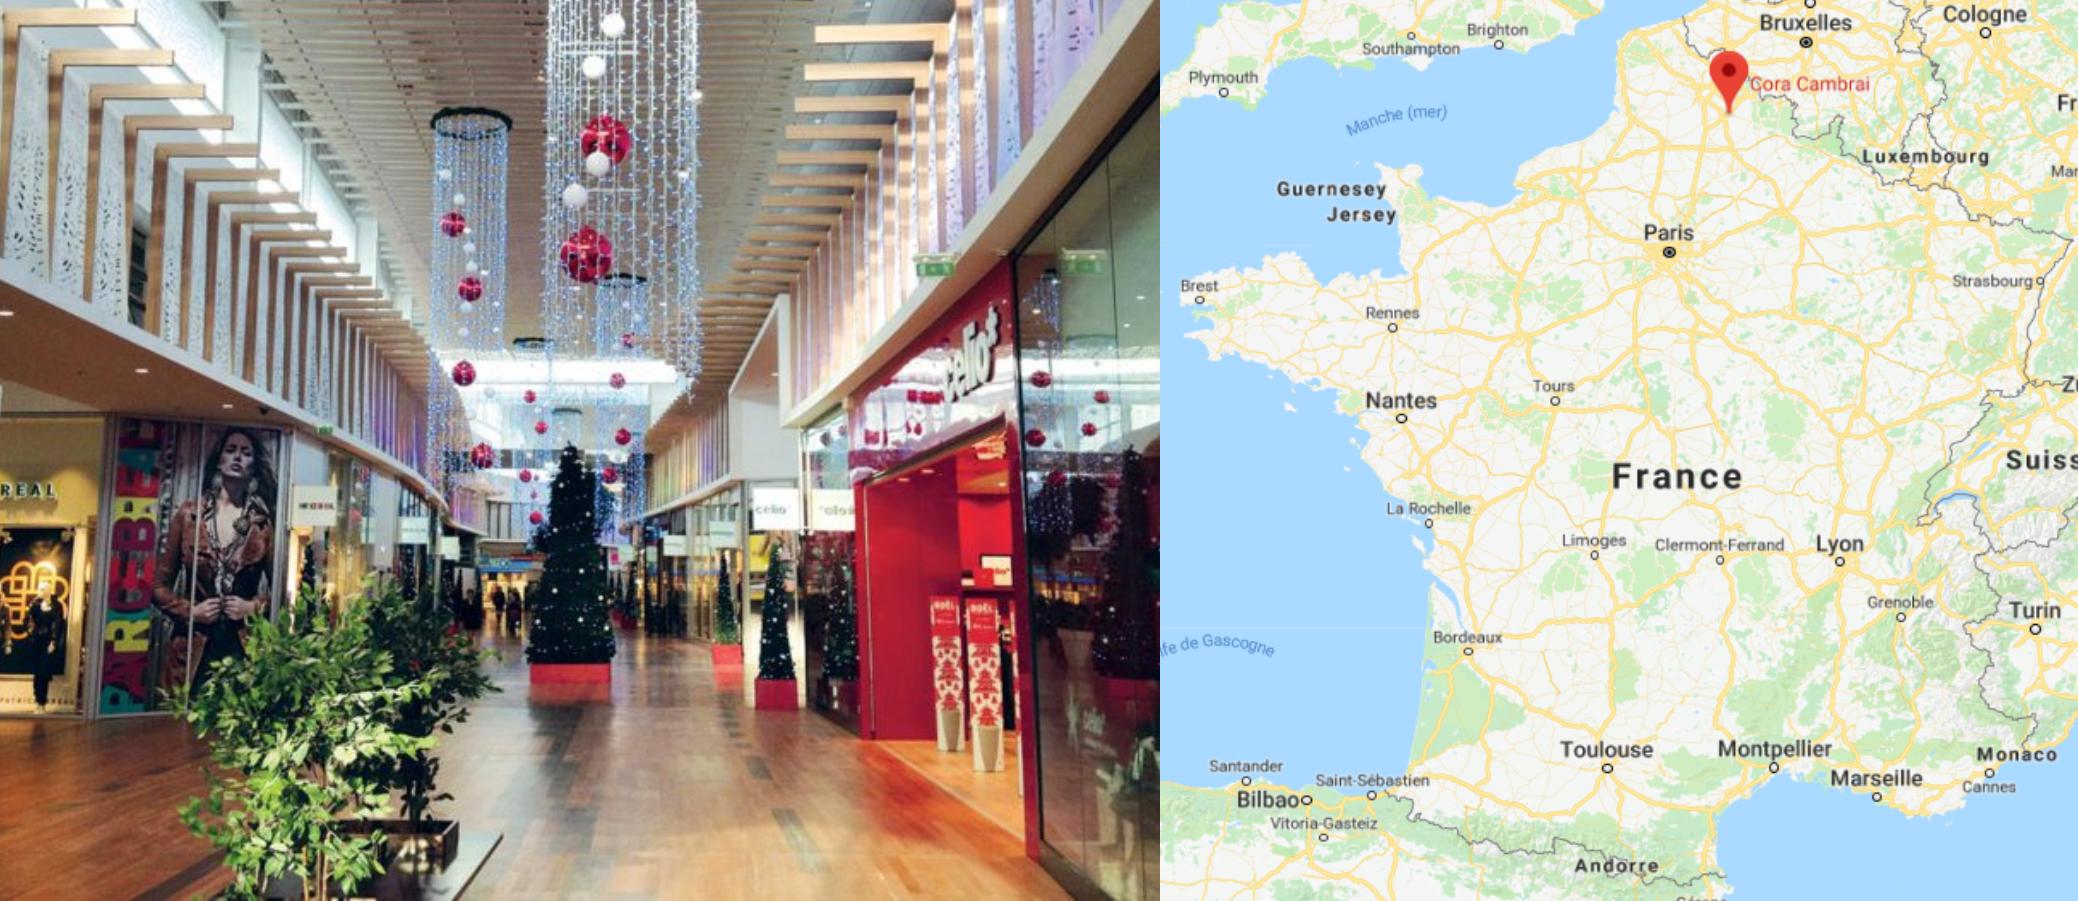 Centre commercial Cora Cambrai décoré pour Noël